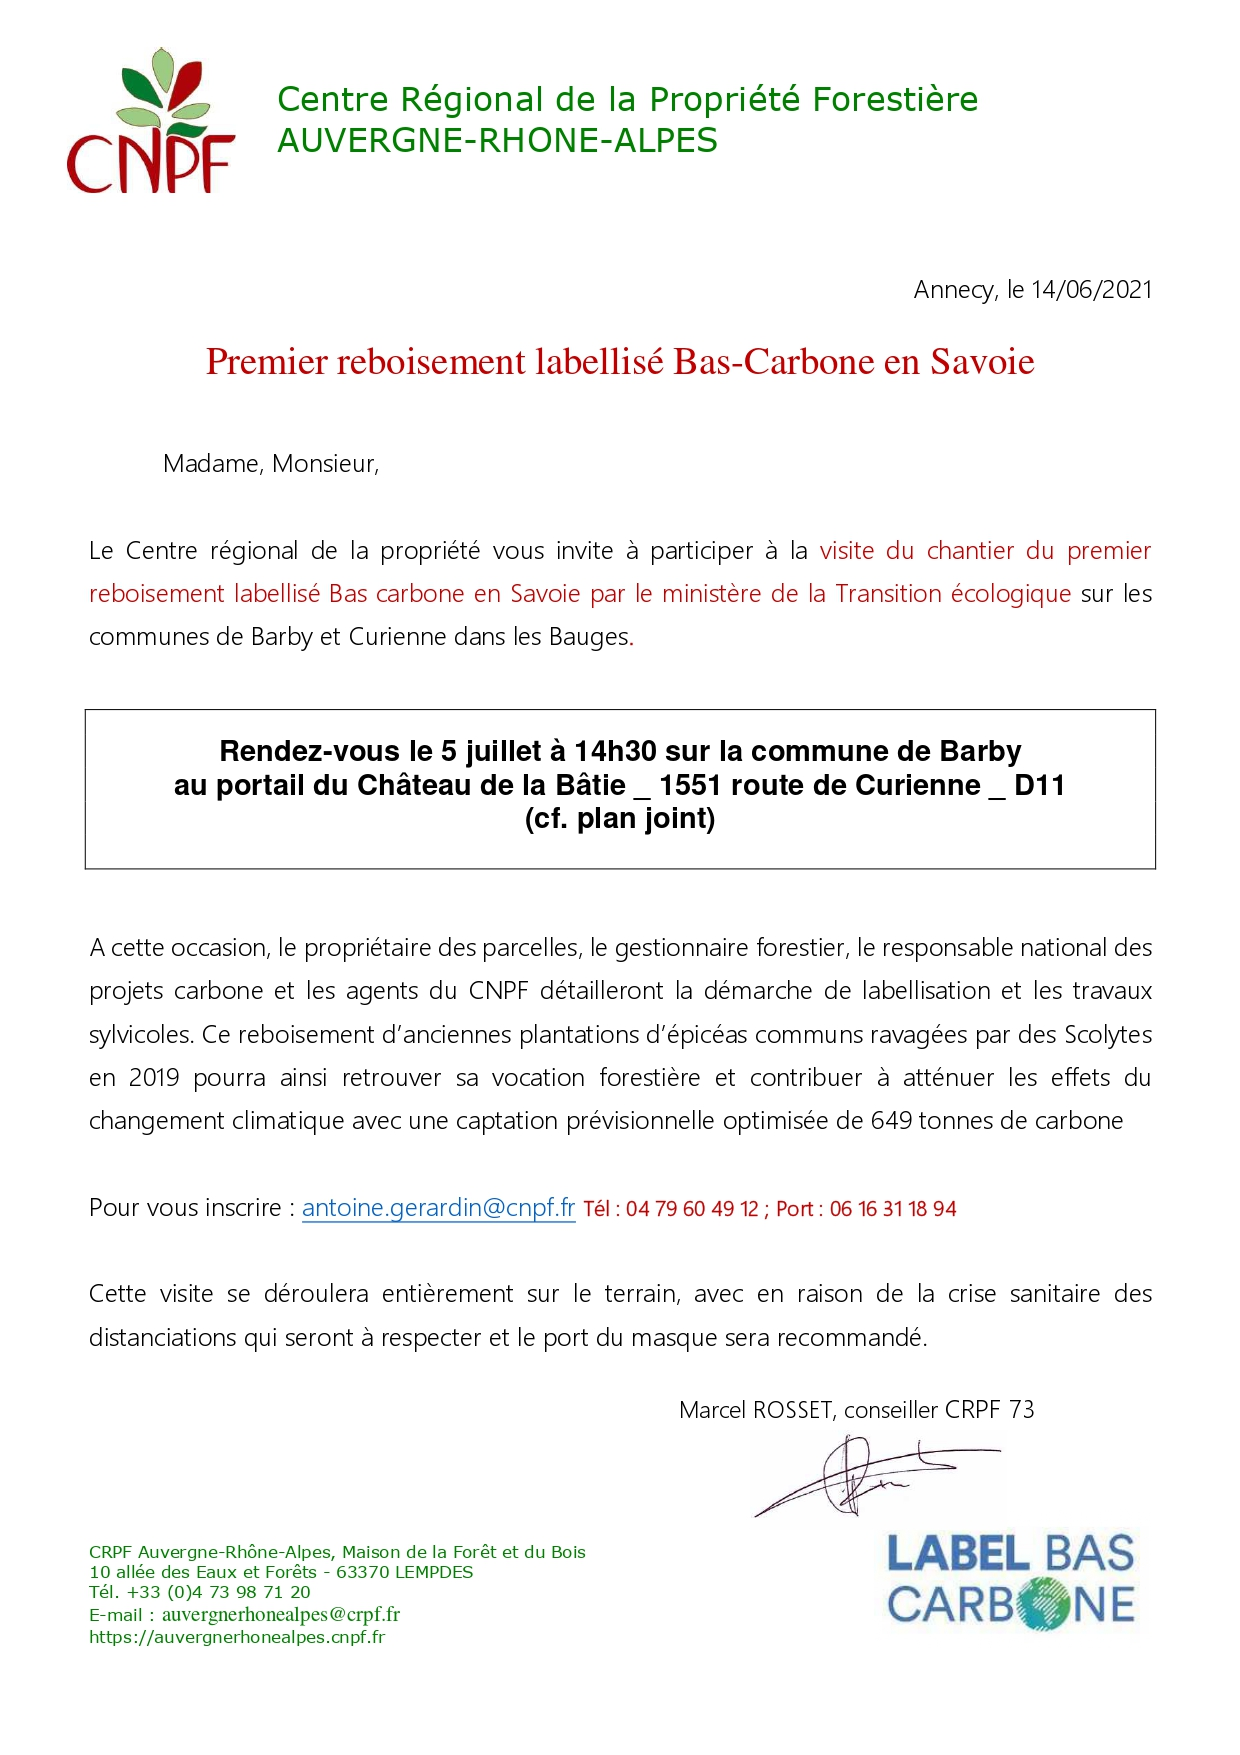 Premier reboisement labellisé Bas-Carbone en Savoie